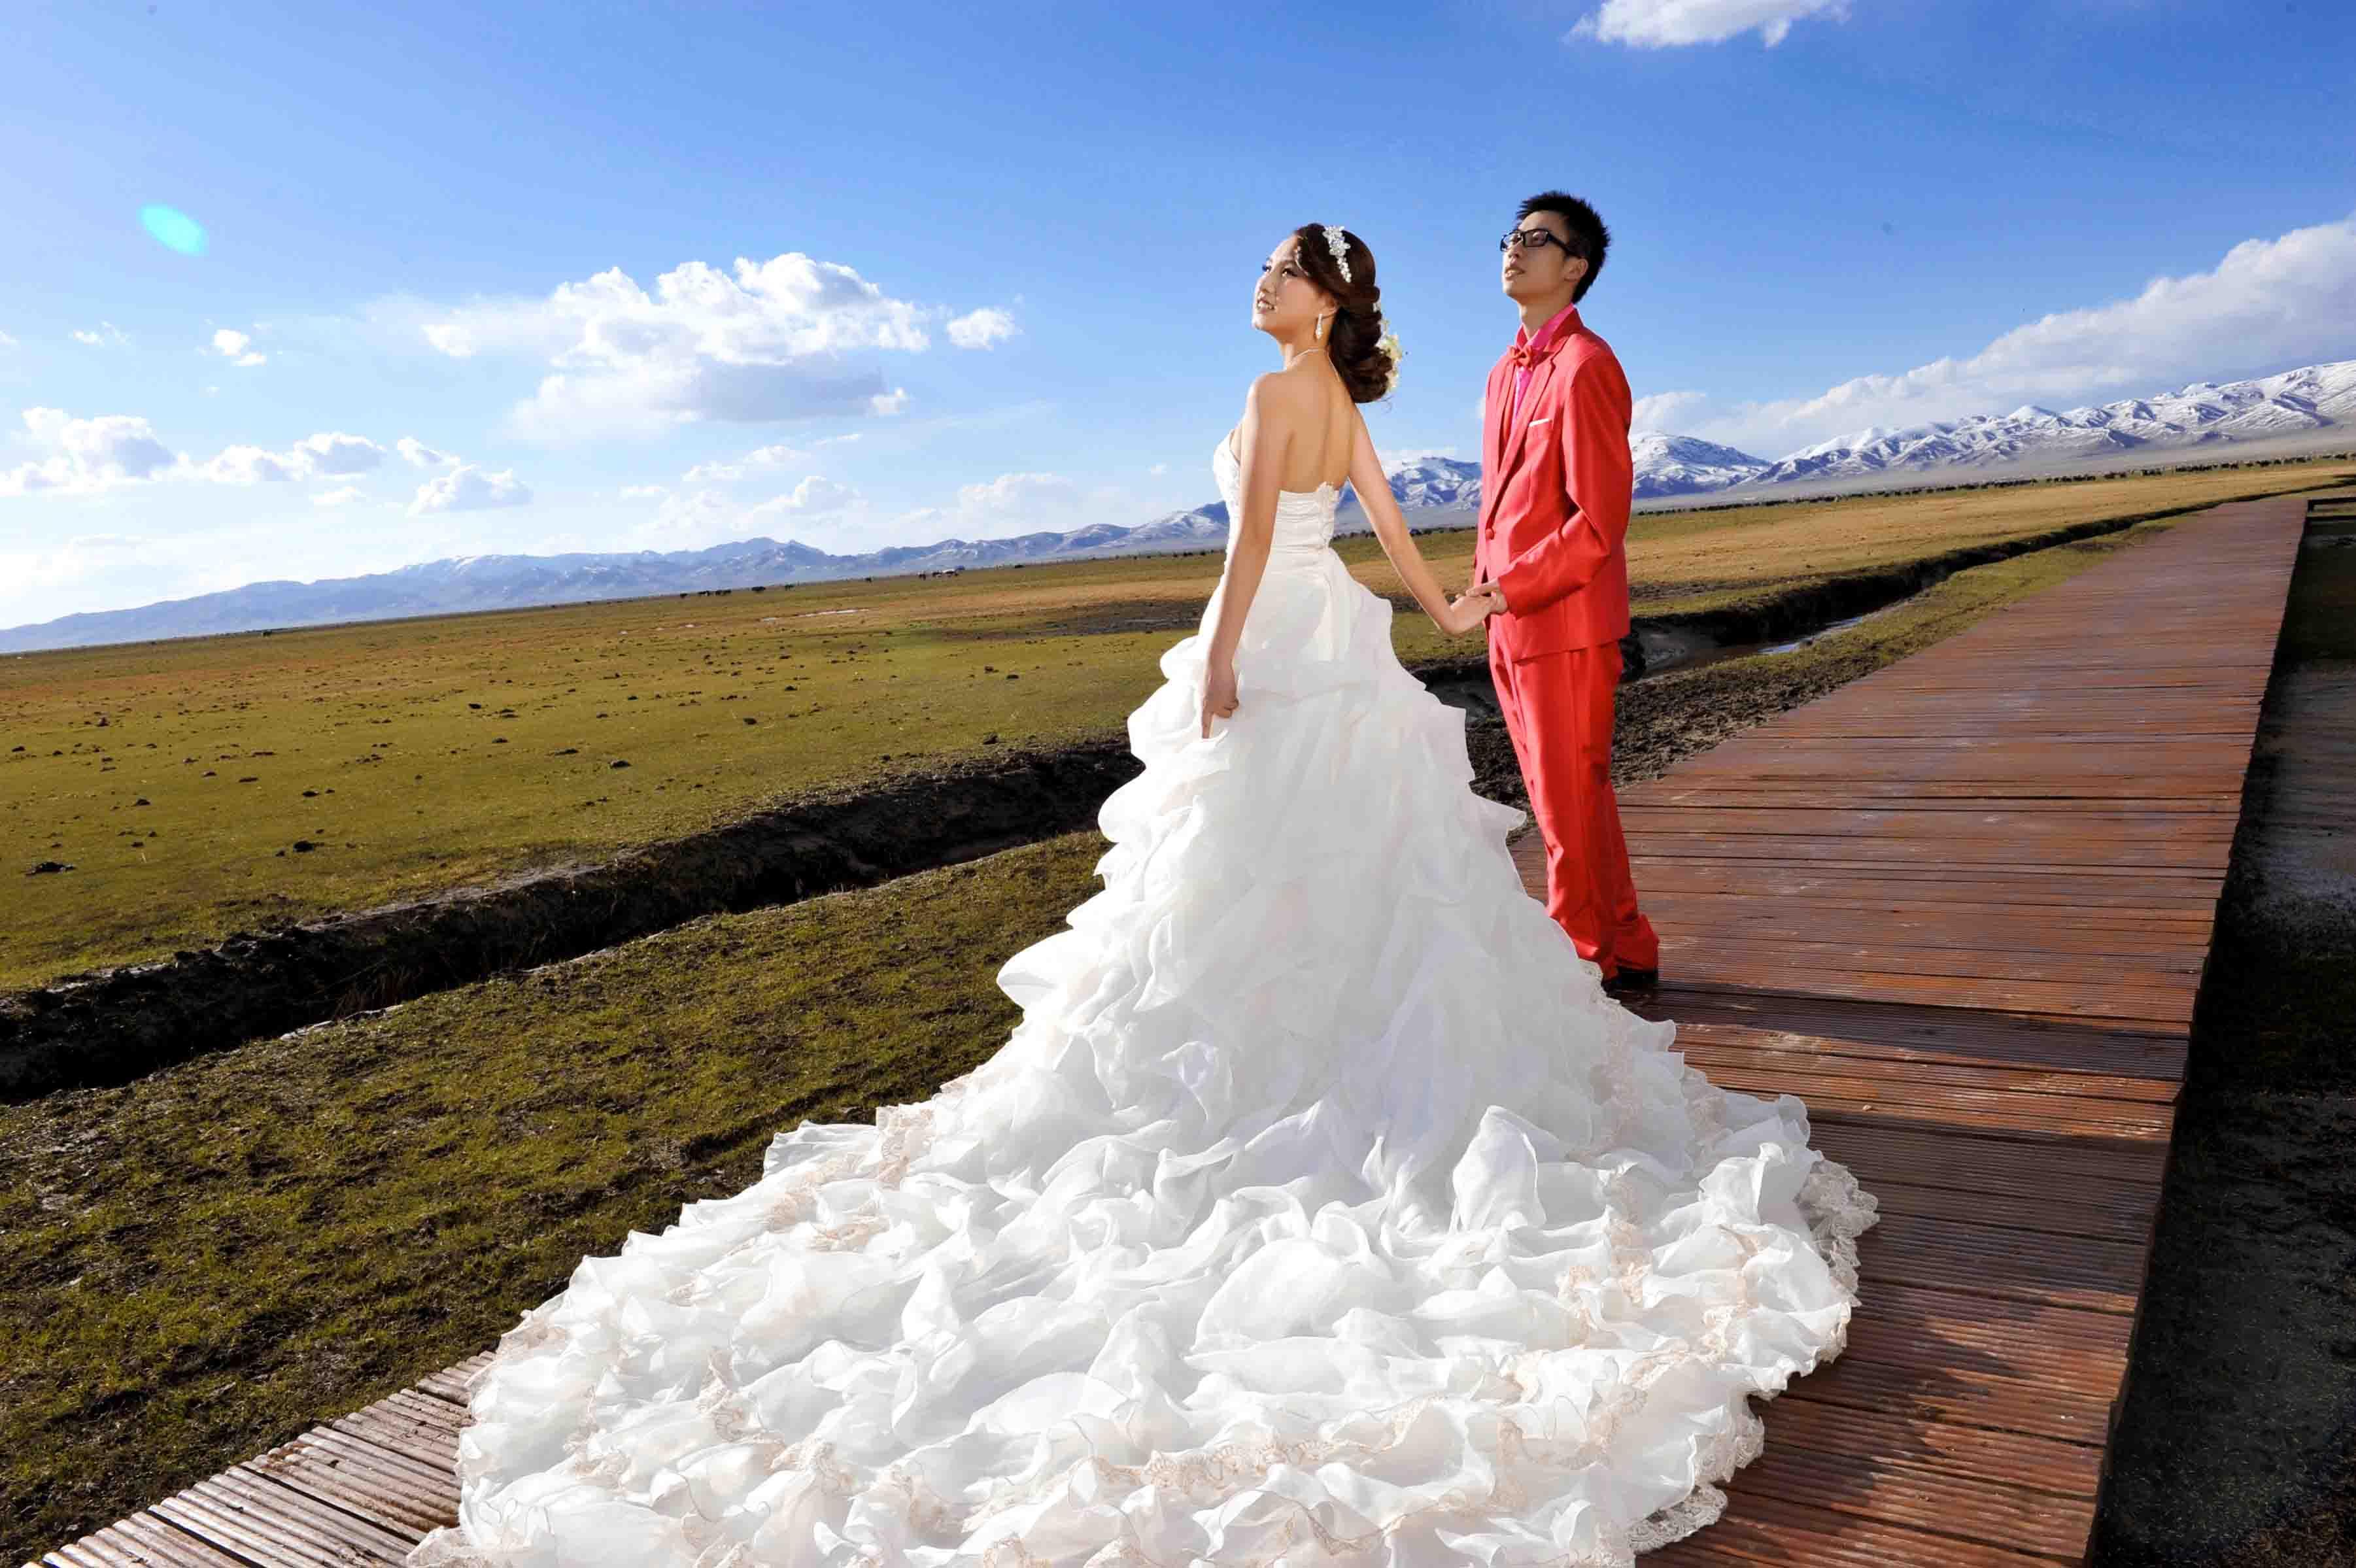 拍婚纱照大概多少钱_婚纱照一般要多少钱 拍婚纱照注意哪些陷阱